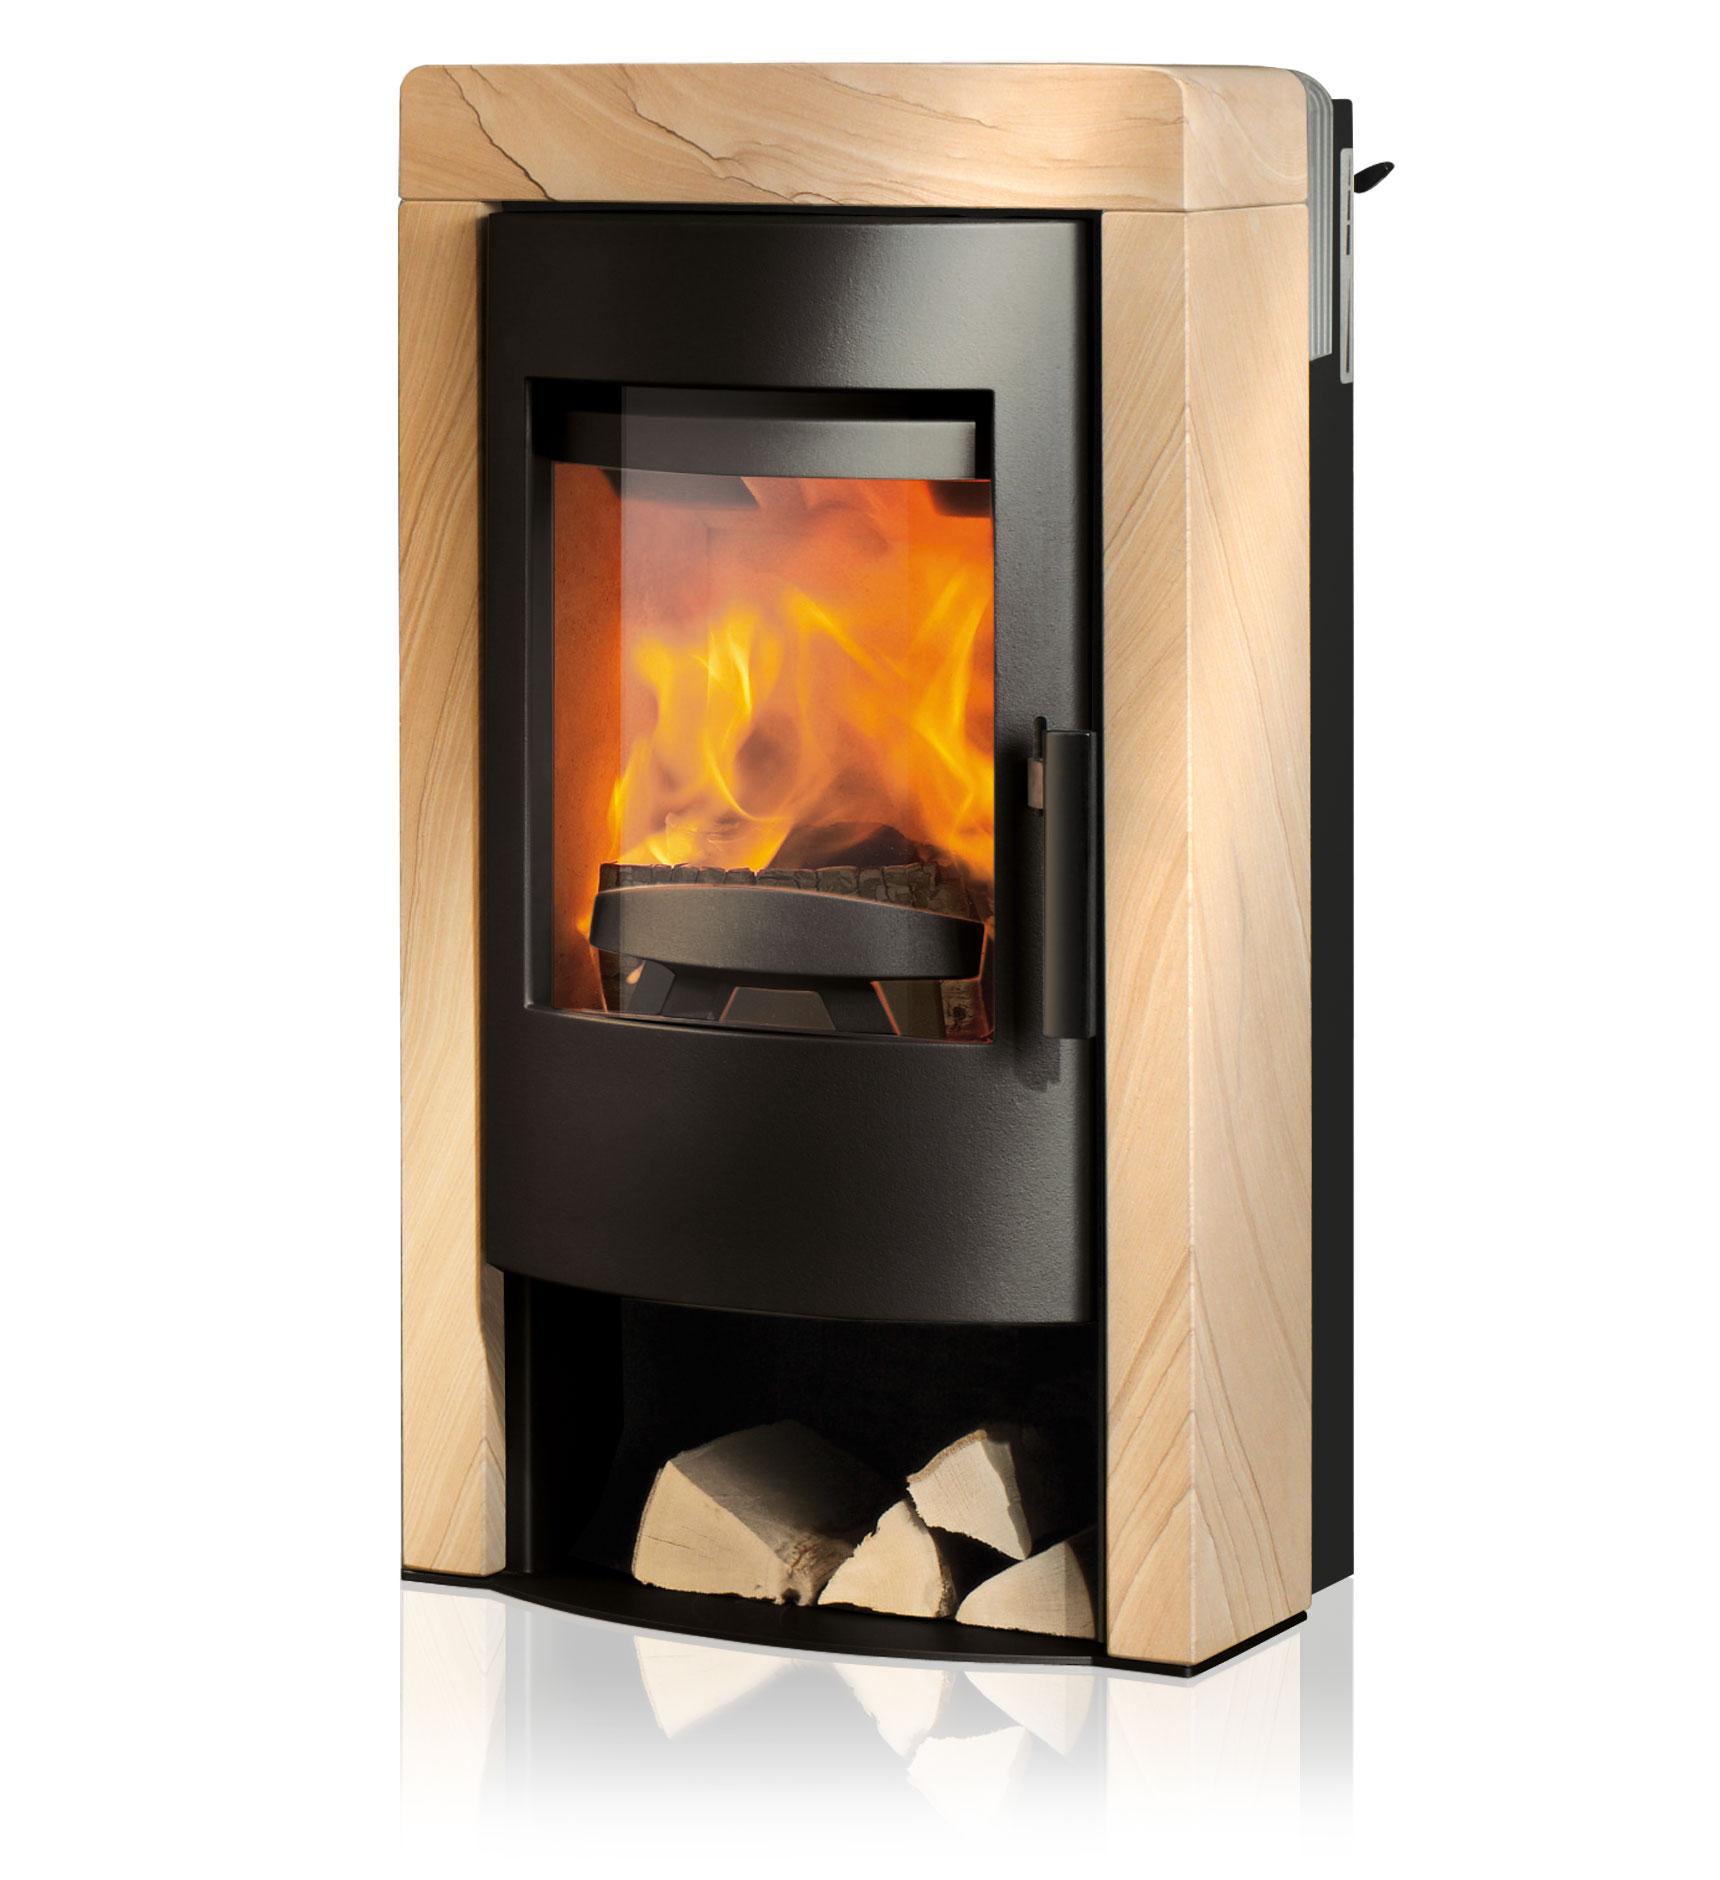 rika kaminofen fox ii sandstein online kaufen beckhuis. Black Bedroom Furniture Sets. Home Design Ideas